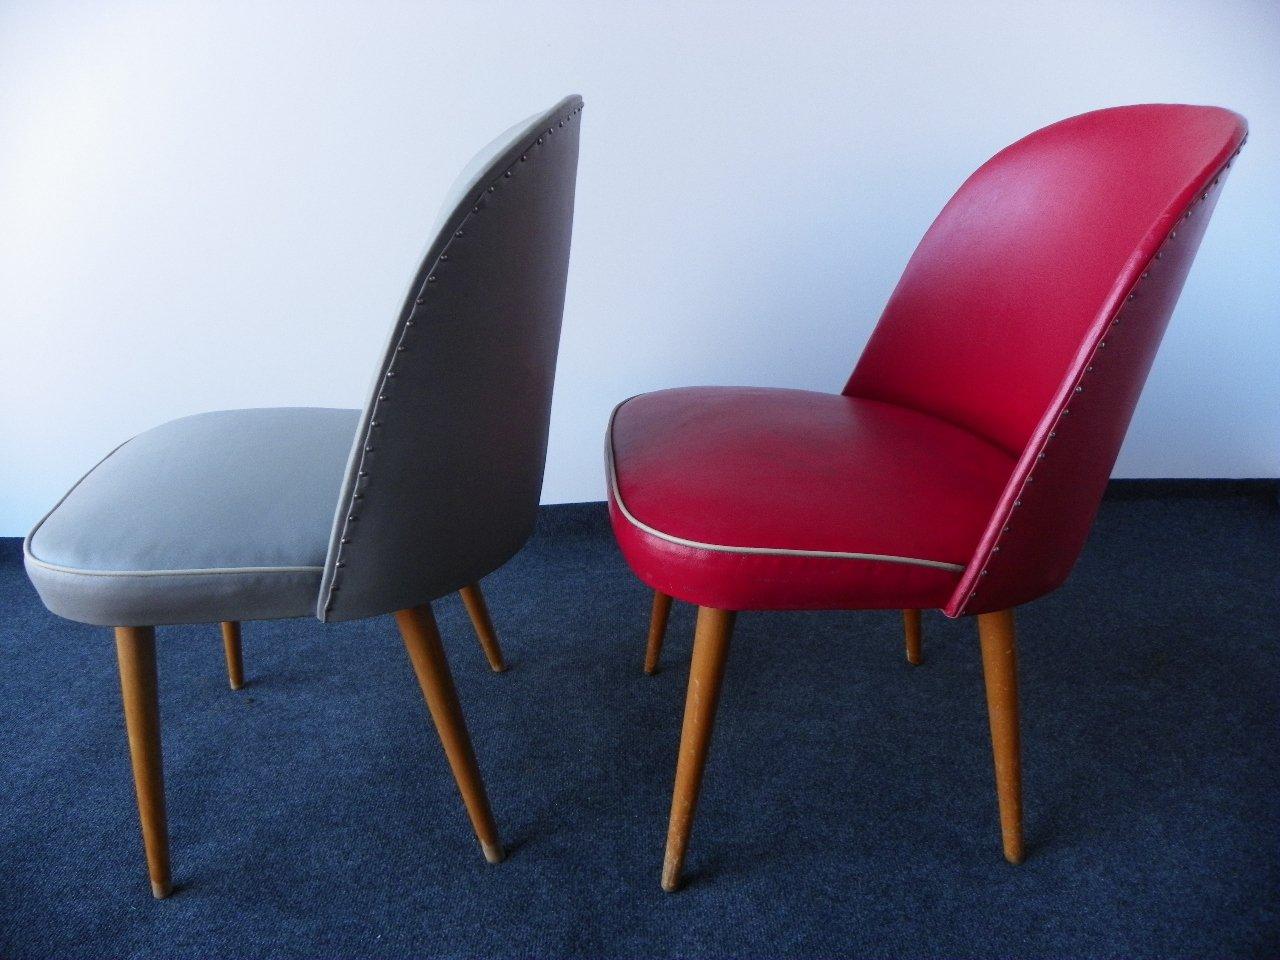 chaises bascule vintage grises et rouges set de 2 en vente sur pamono. Black Bedroom Furniture Sets. Home Design Ideas